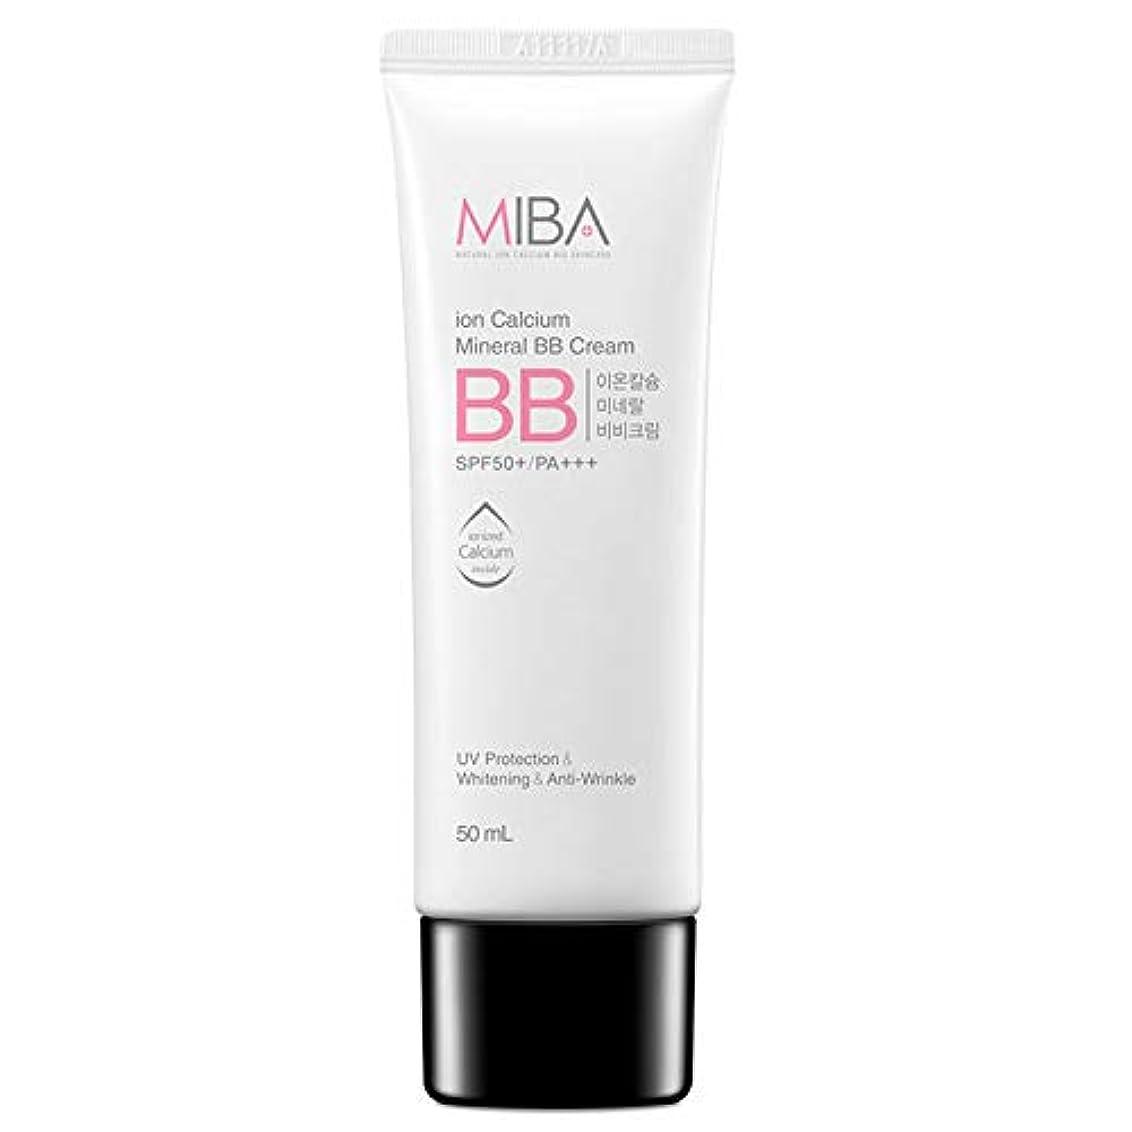 安定した火曜日赤ちゃんスキンDr ミバ IC ミネラルBBクリーム SPF50+/ PA+++ / MIBA Ion Calcium Mineral BB Cream [正規品]